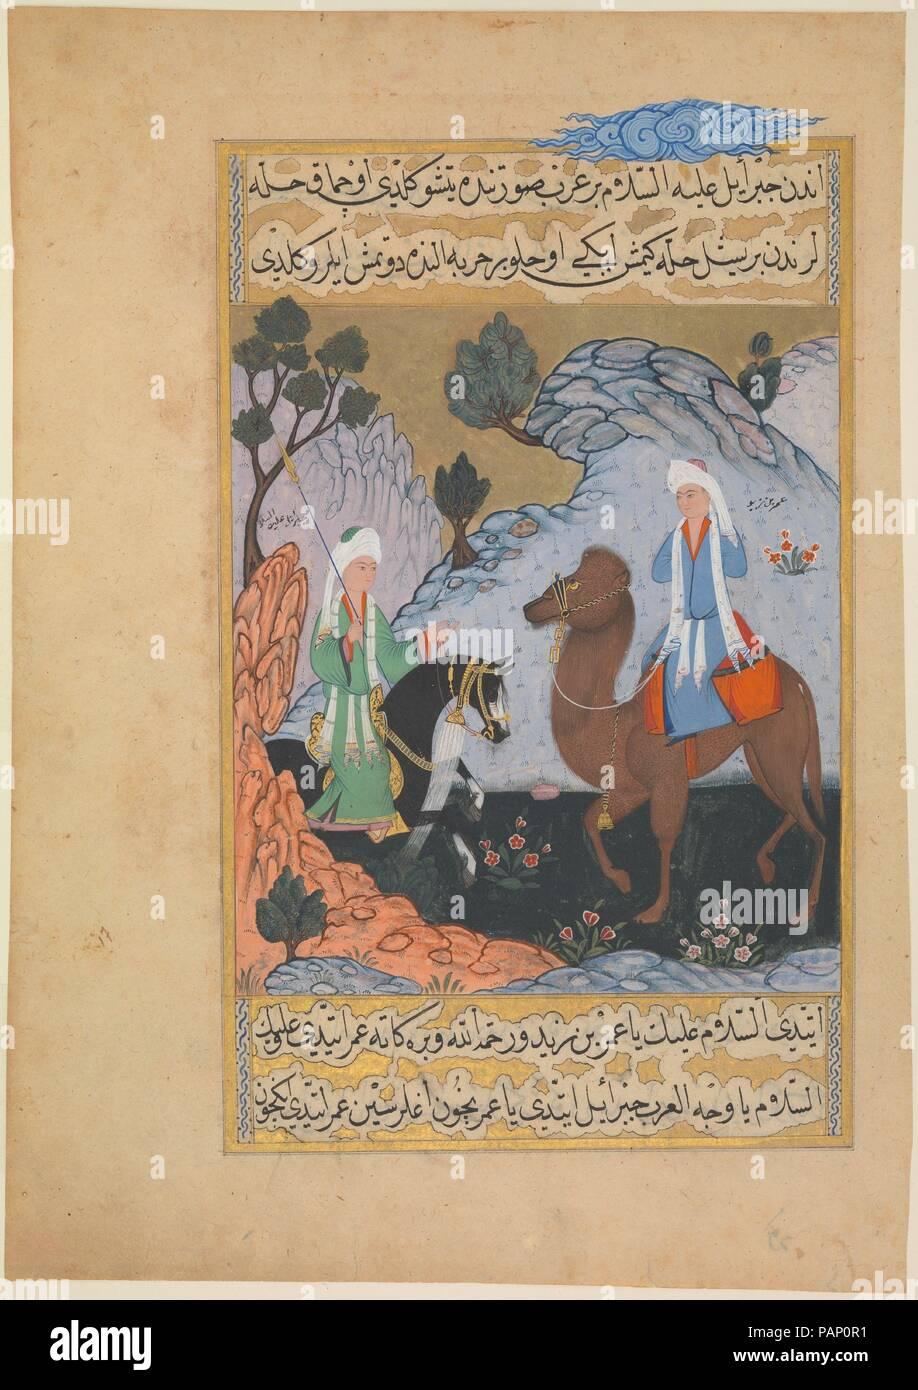 """""""El ángel Gabriel responde a 'Amr ibn Zaid (el pastor)', Folio de un Siyer-i Nebi (la vida del Profeta). Artista: Pintura por Mustafa ibn Vali. Autor: Mustafa. b. Yusuf al-al-Erzerumi Darir. Dimensiones: H. 14.56. (37 cm) W.10.22. (26 cm). Mecenas: encargado por el Sultán Murad III (r. 1574-95). Fecha: ca. 1595. Esta miniatura perteneció al cuarto volumen de los seis volúmenes de trabajo dedicado a la vida del Profeta, encargado por el sultán otomano Murad III (r. 1574-95). Representadas son el encuentro del arcángel Gabriel, el pastor 'Amr ibn Zaid, frente a un paisaje domina Foto de stock"""